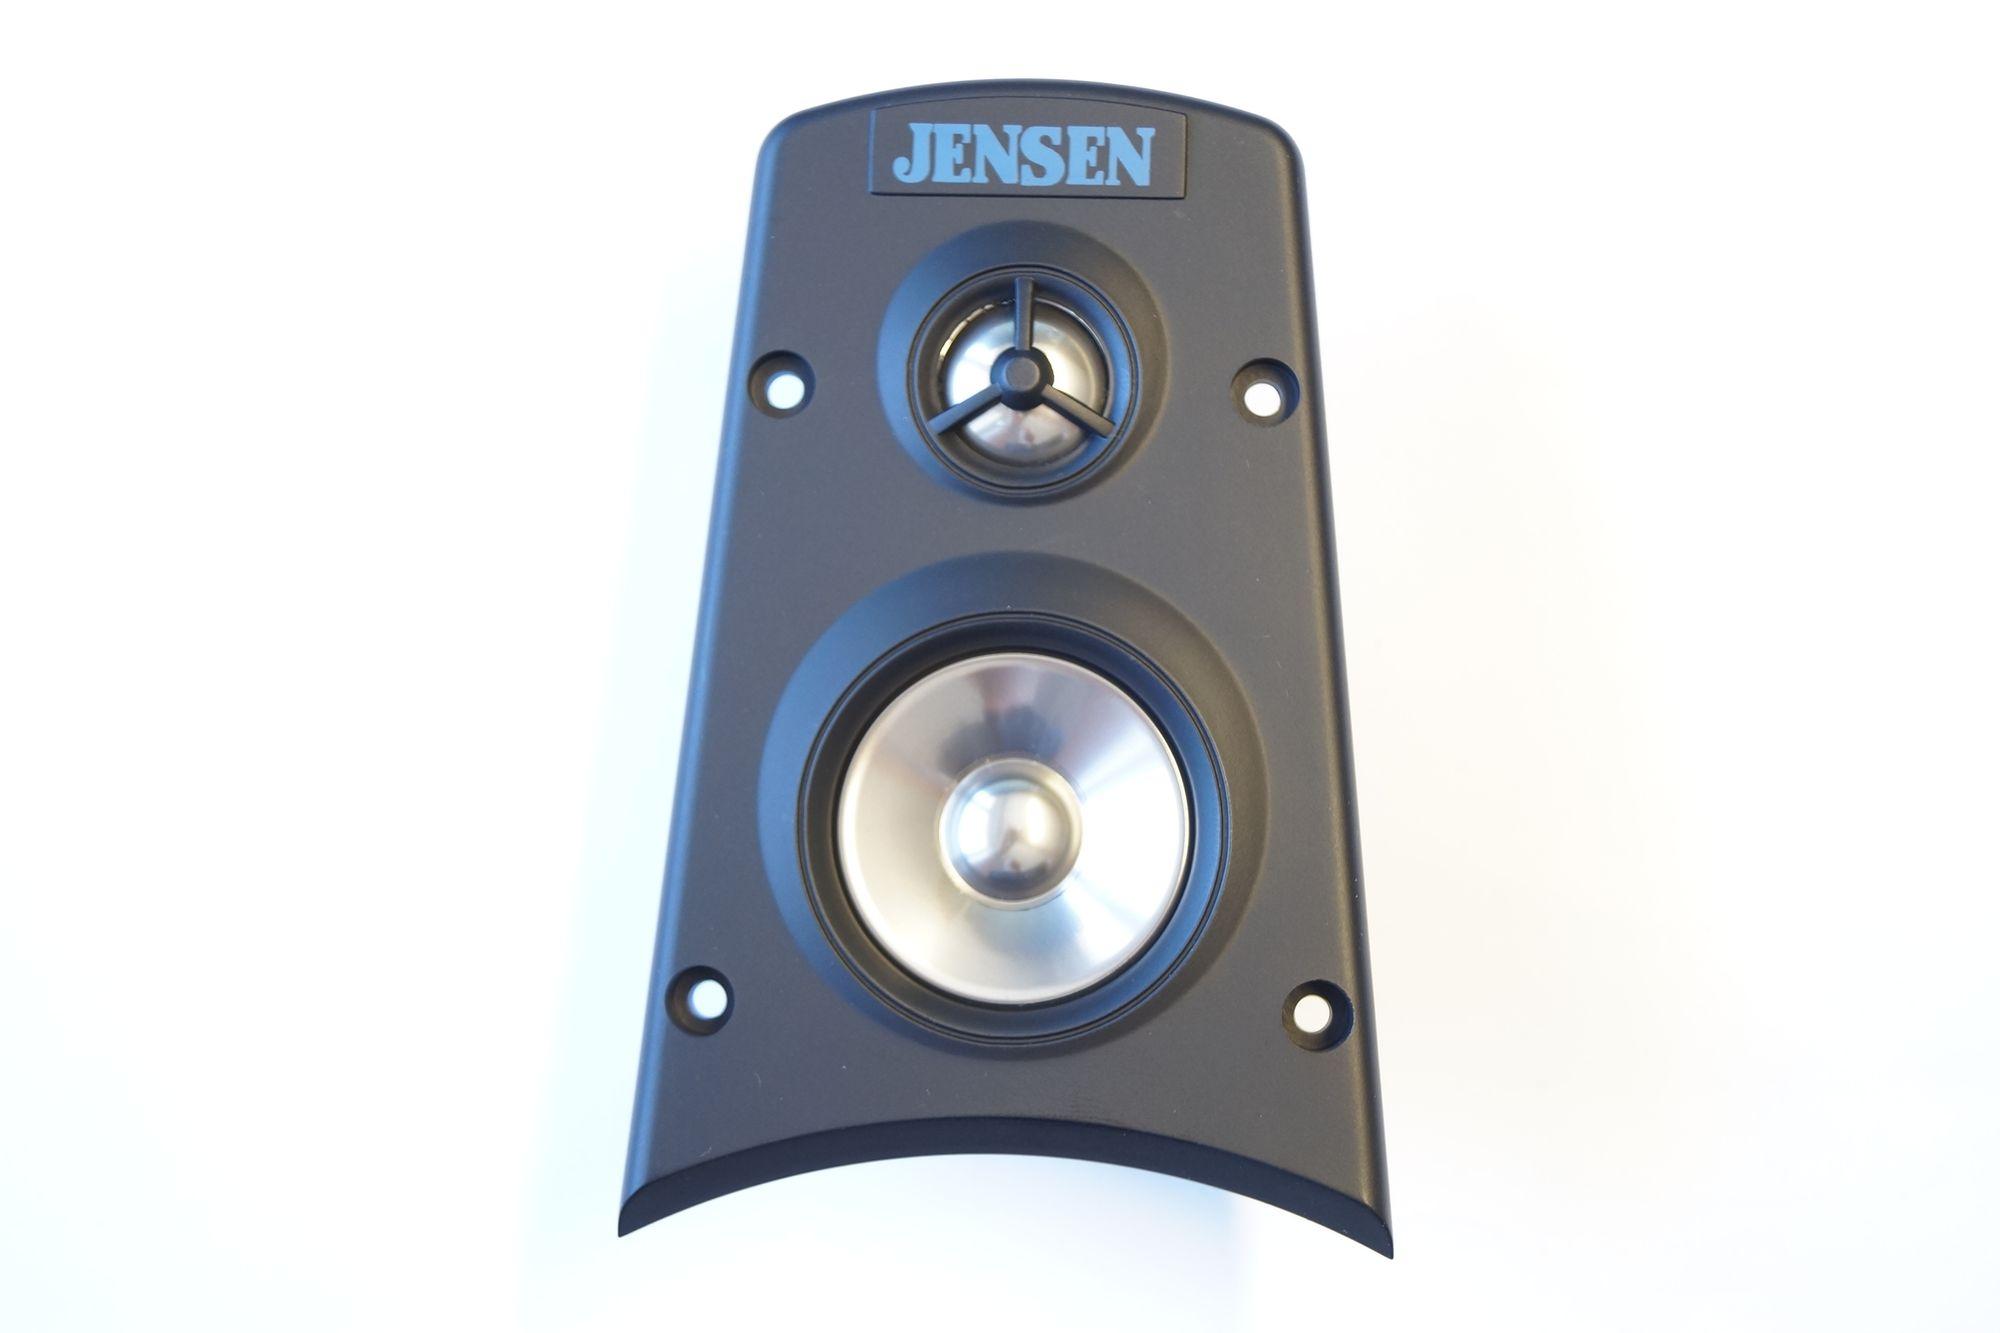 1 Paar Jensen MMTABSALG,Mittel Hochton Einheit 80 Watt max., Serviceware – Bild 1